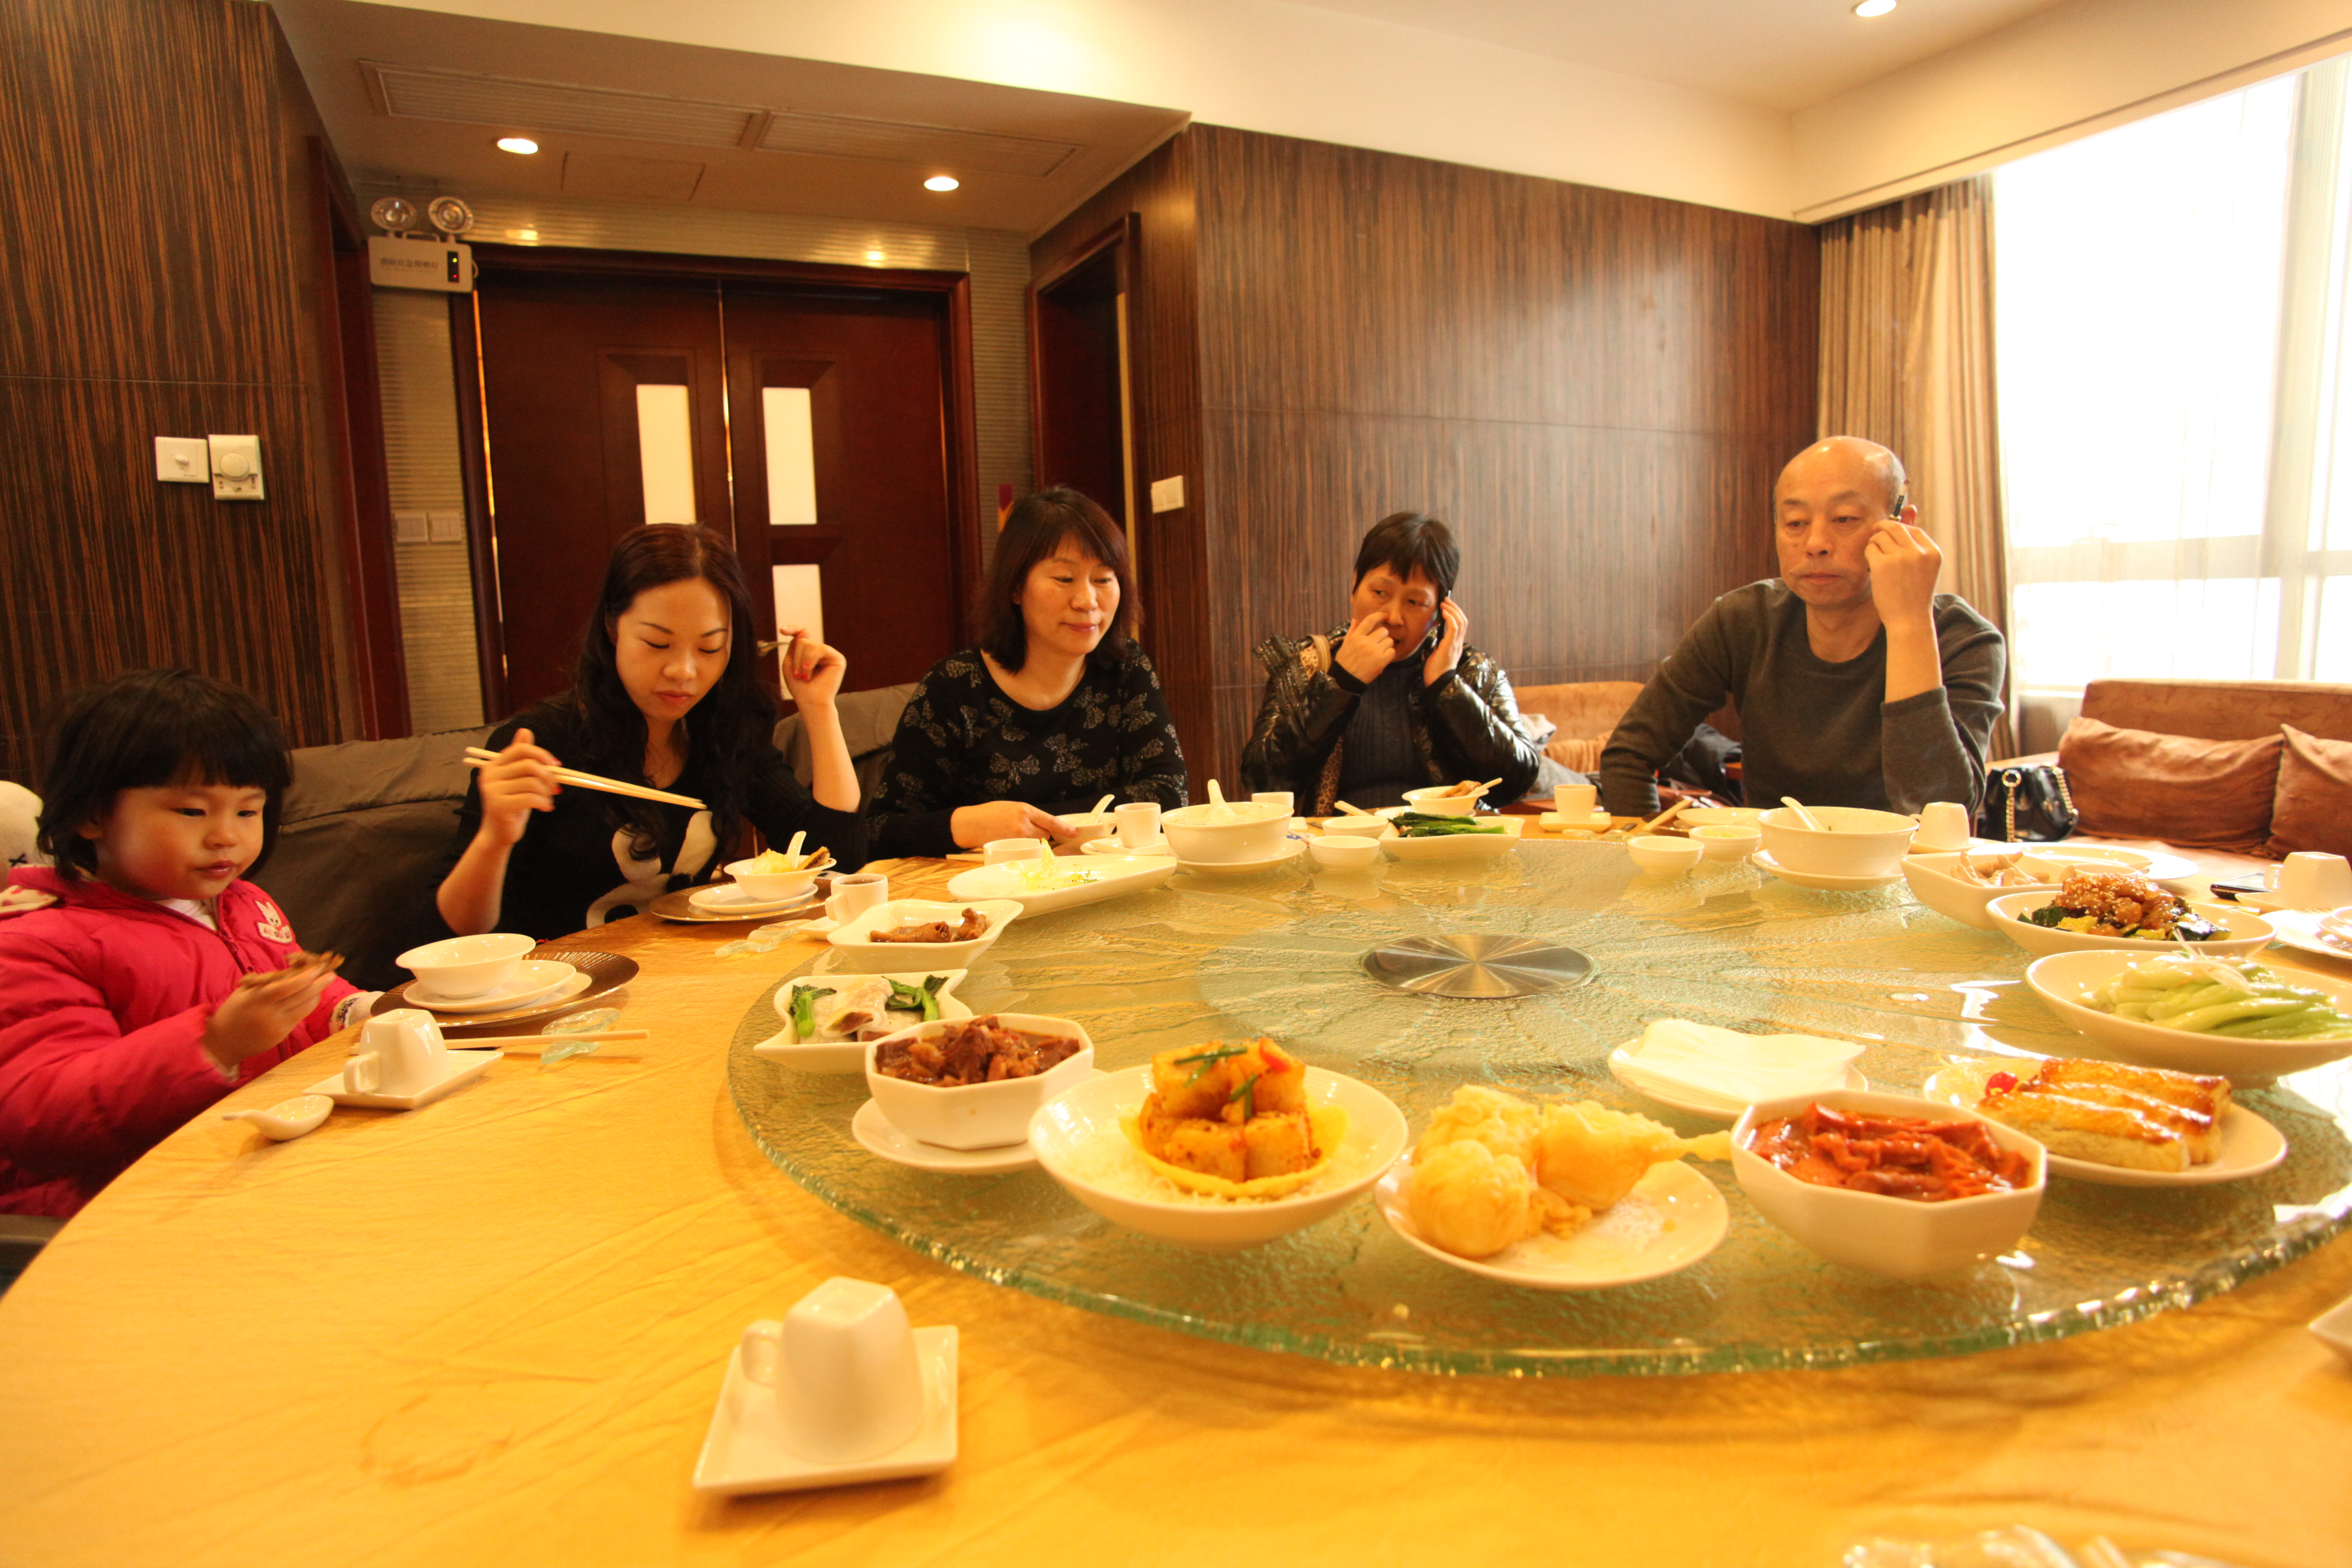 Wszystkie smaki Chin - reportaż kulinarny, część 3